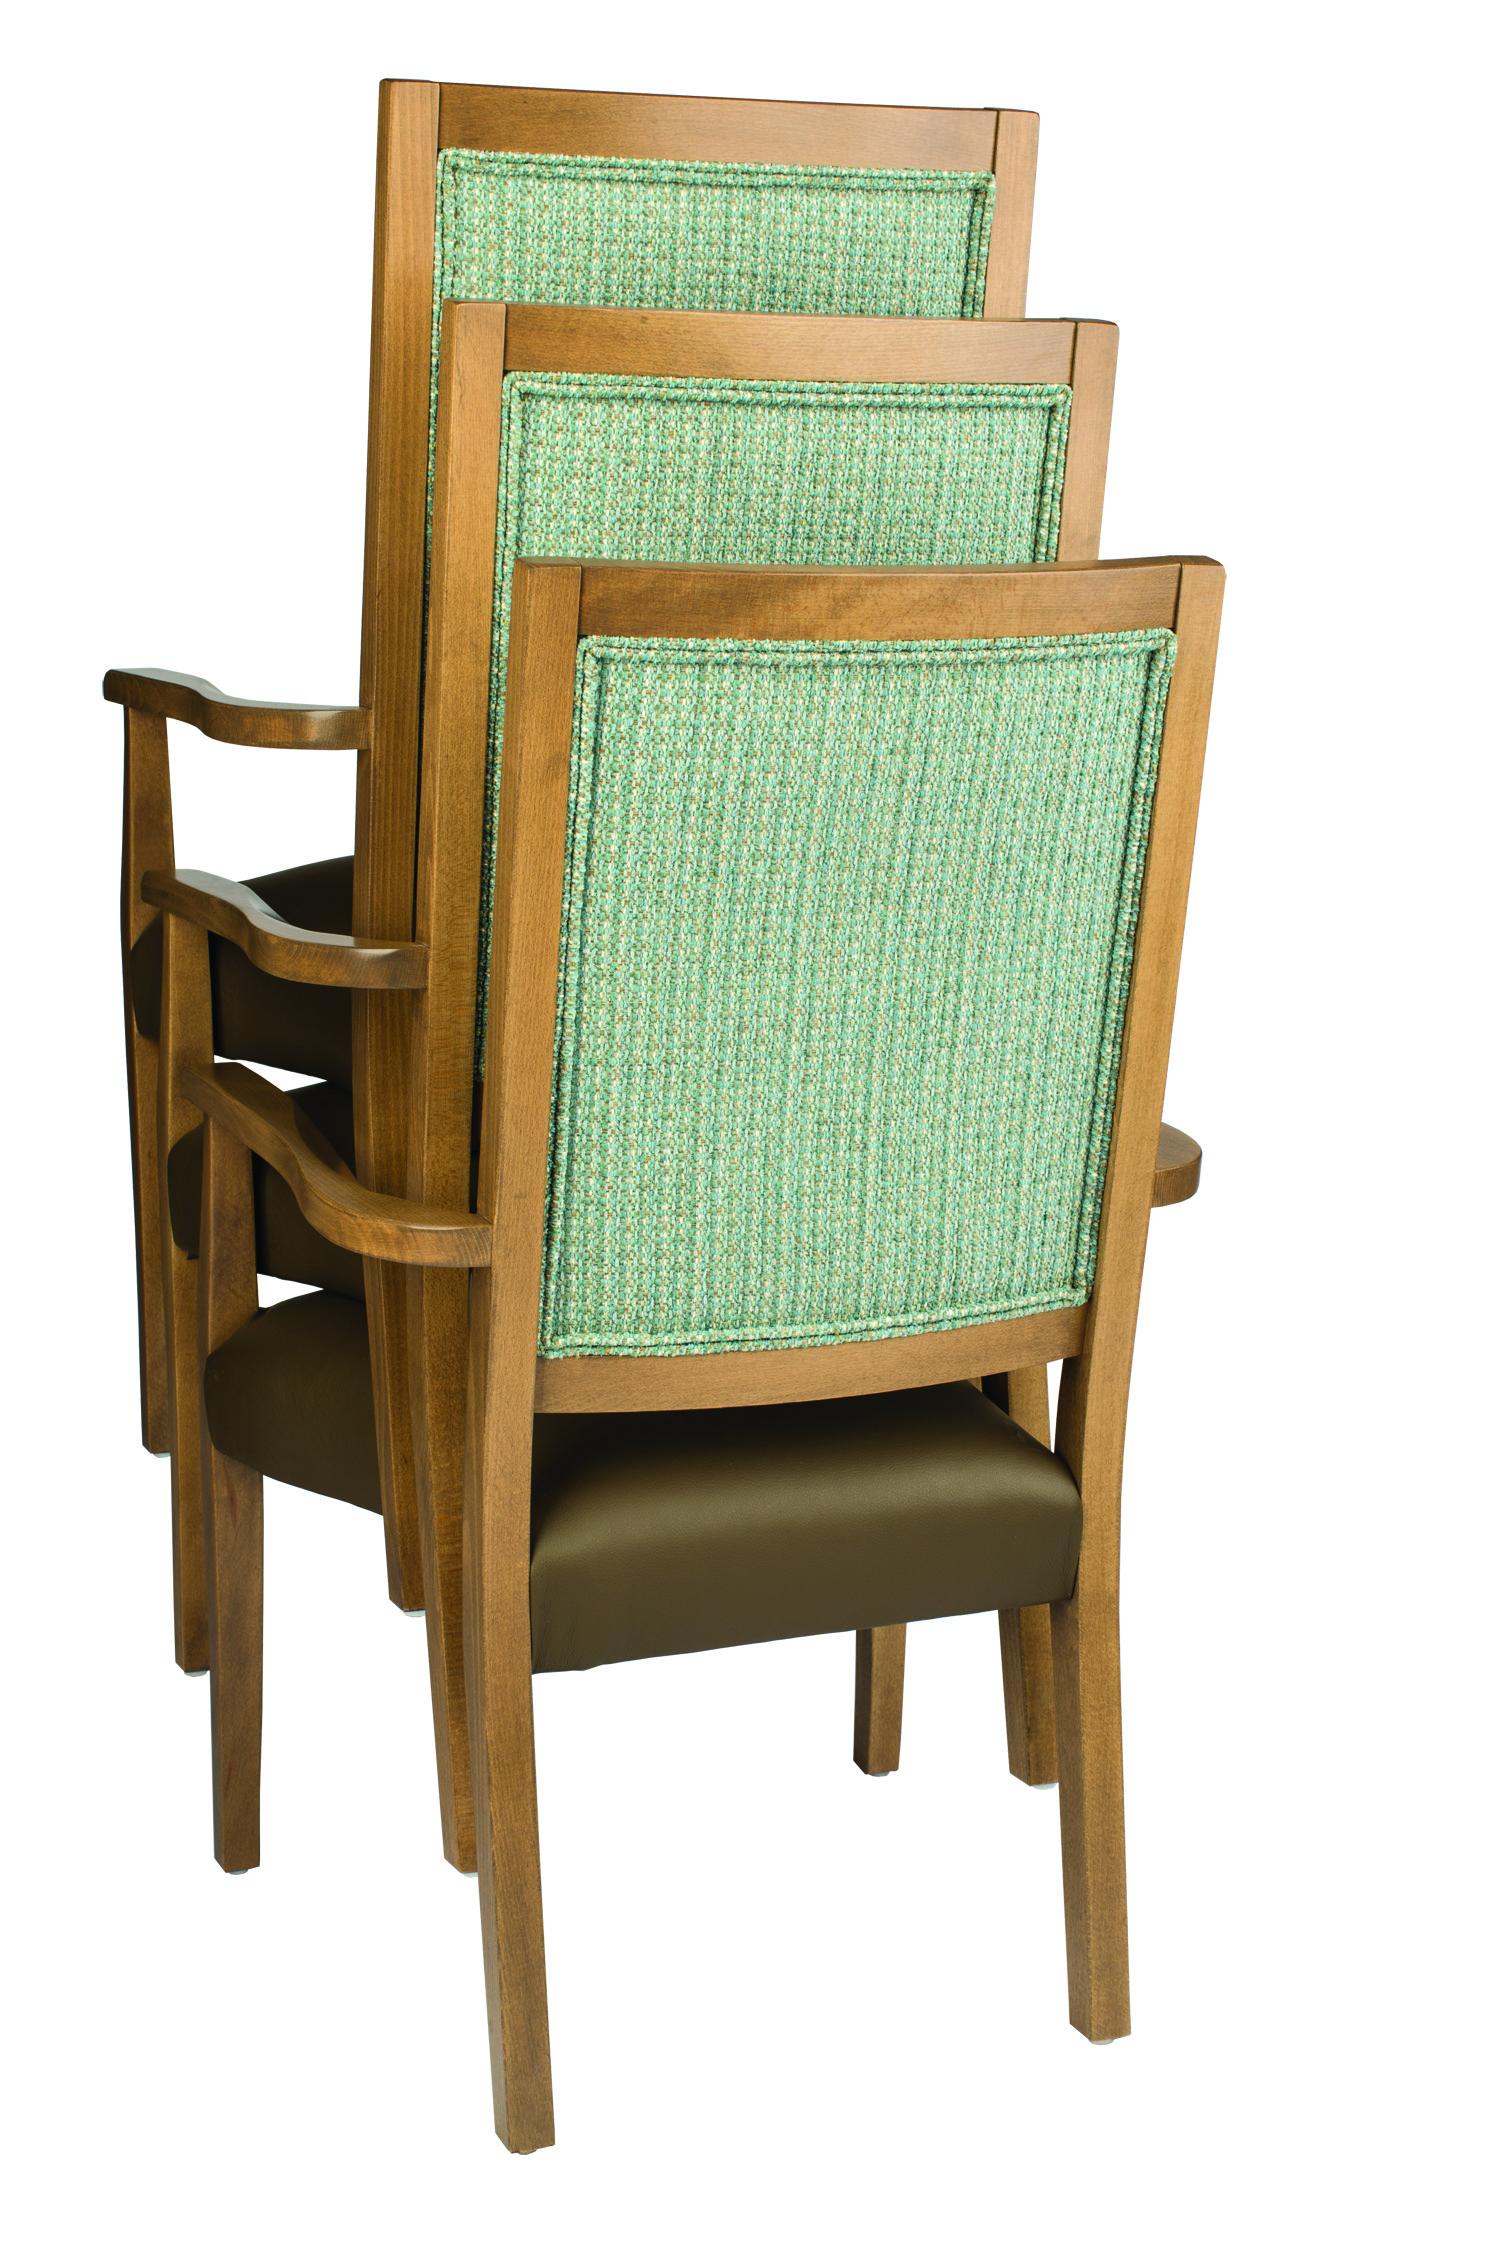 Easton_Armchair_STACK_226-SBC,_OSB_Kravet_30962-135,_ISB_Kravet_31393-613,_Seat_Jennis_Turner_Tan_802_(Back).jpg